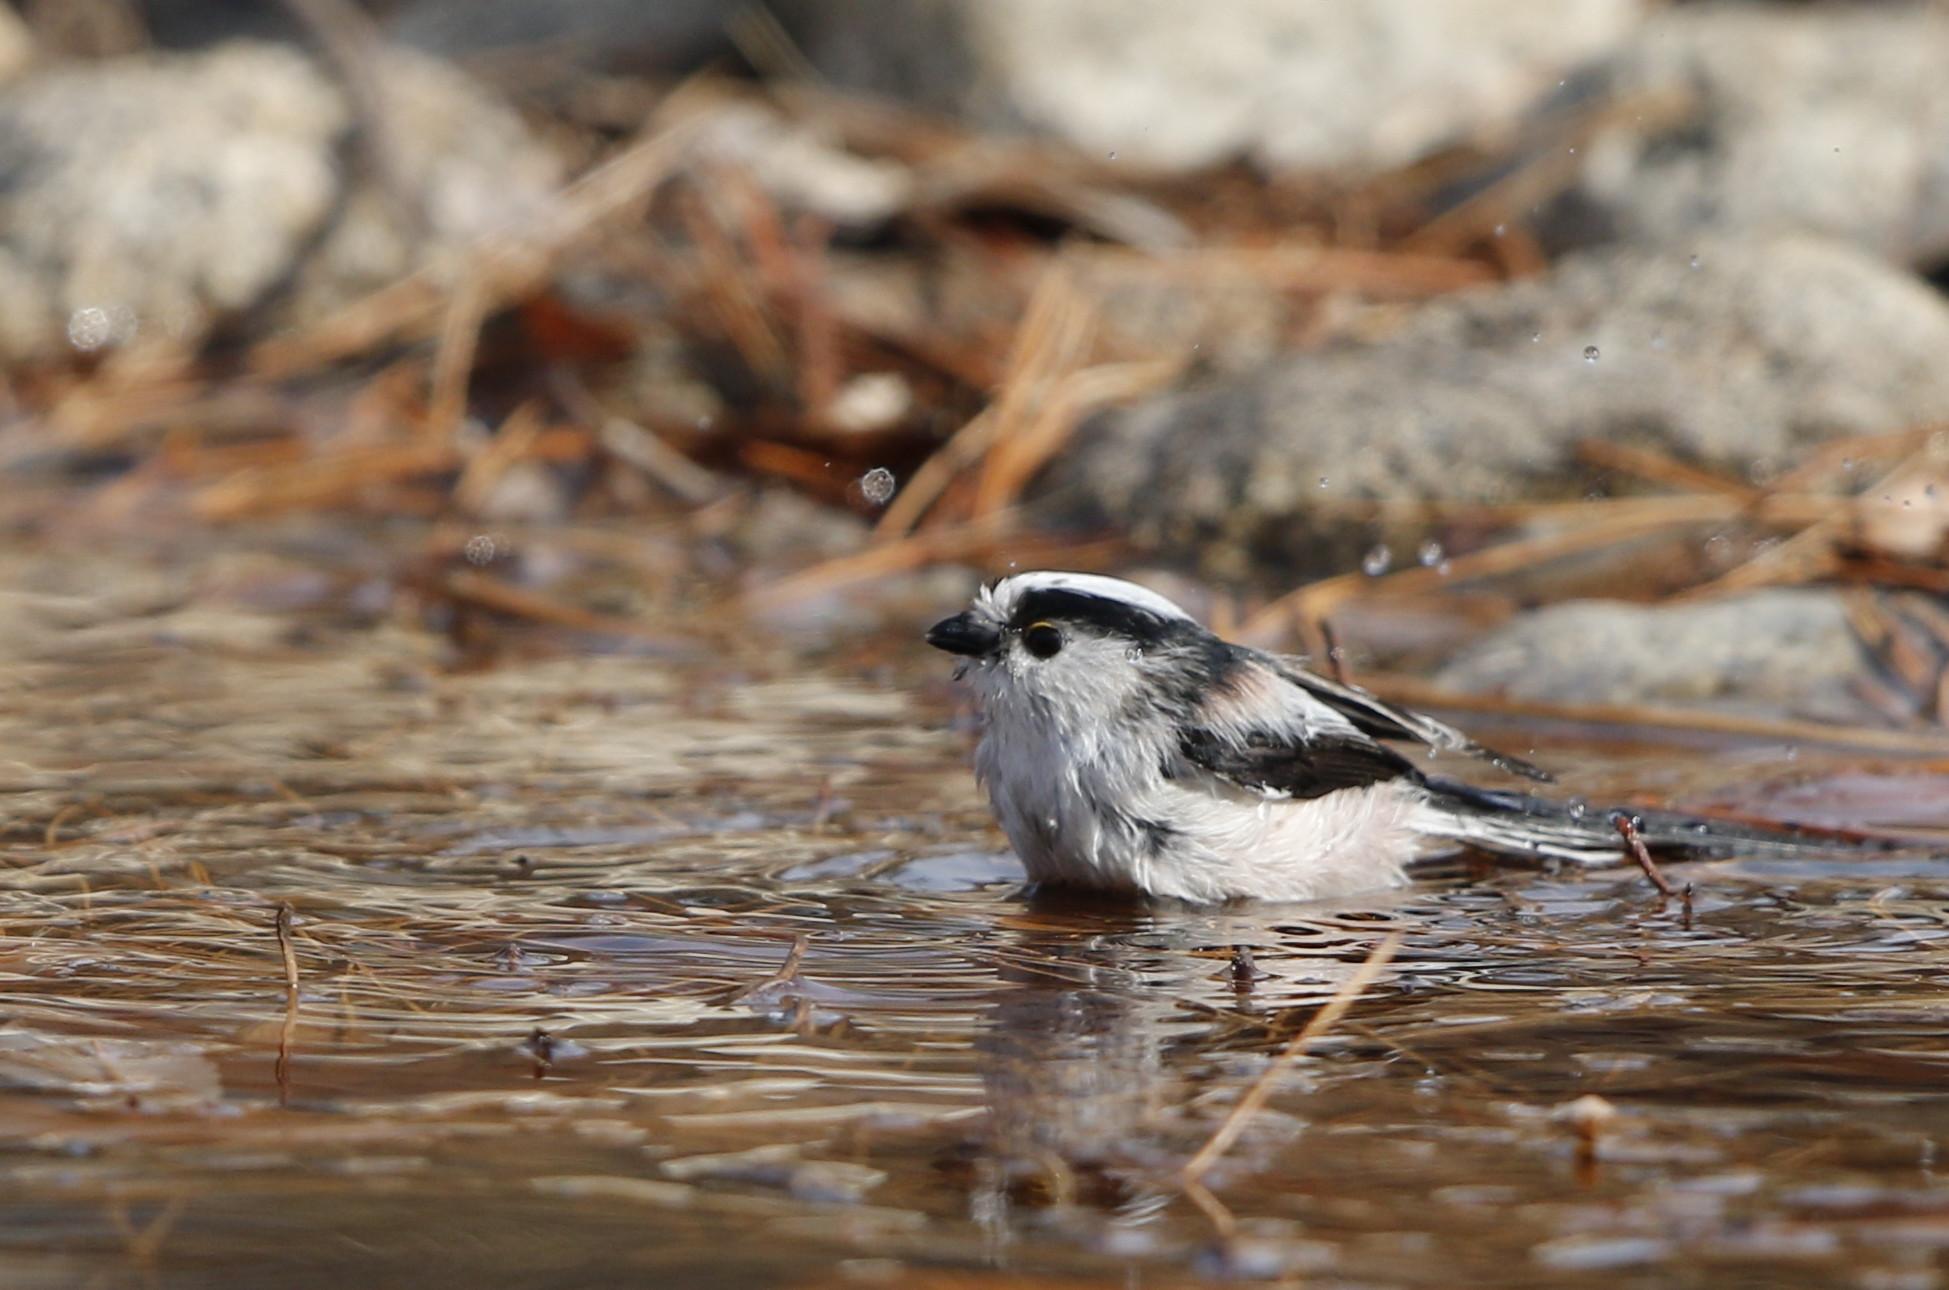 公園の水場で野鳥を待つ その3(エナガの水浴び)_f0239515_16453743.jpg